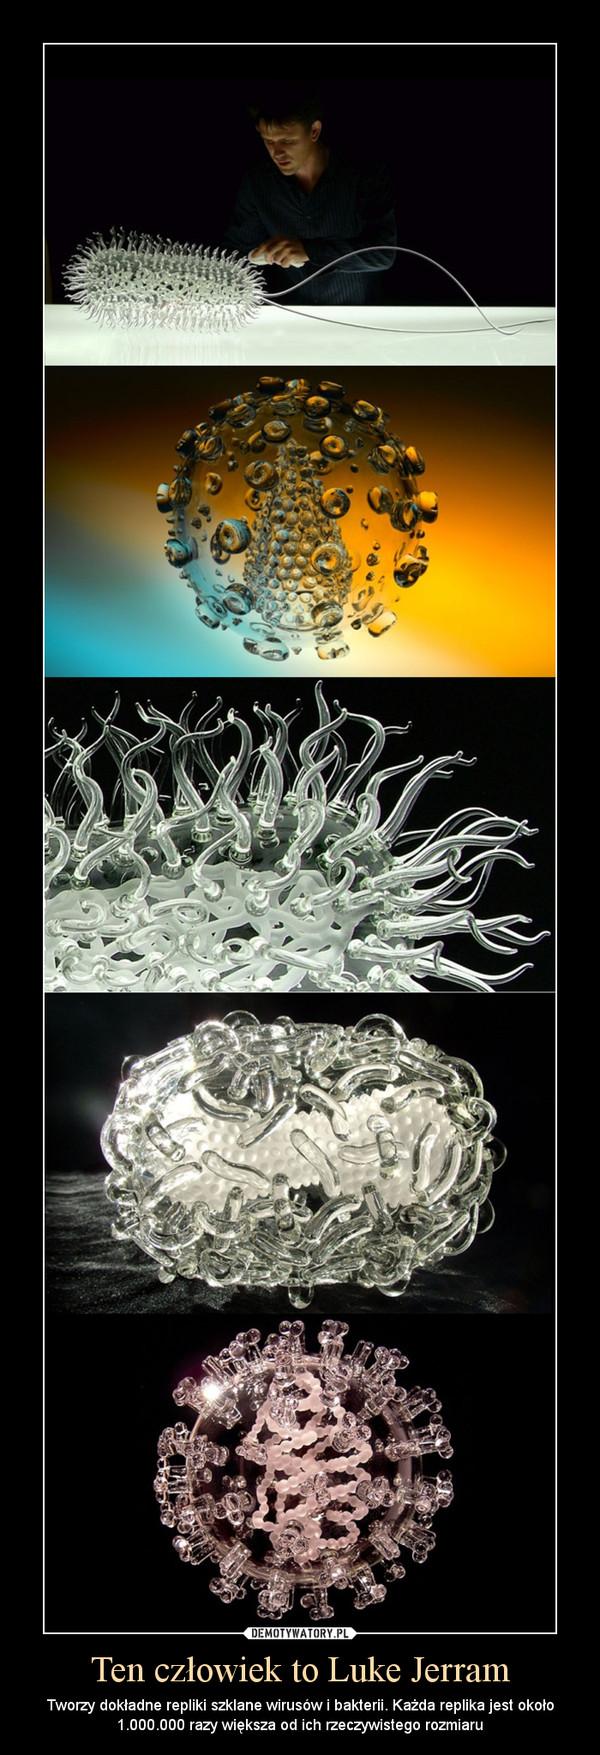 Ten człowiek to Luke Jerram – Tworzy dokładne repliki szklane wirusów i bakterii. Każda replika jest około 1.000.000 razy większa od ich rzeczywistego rozmiaru